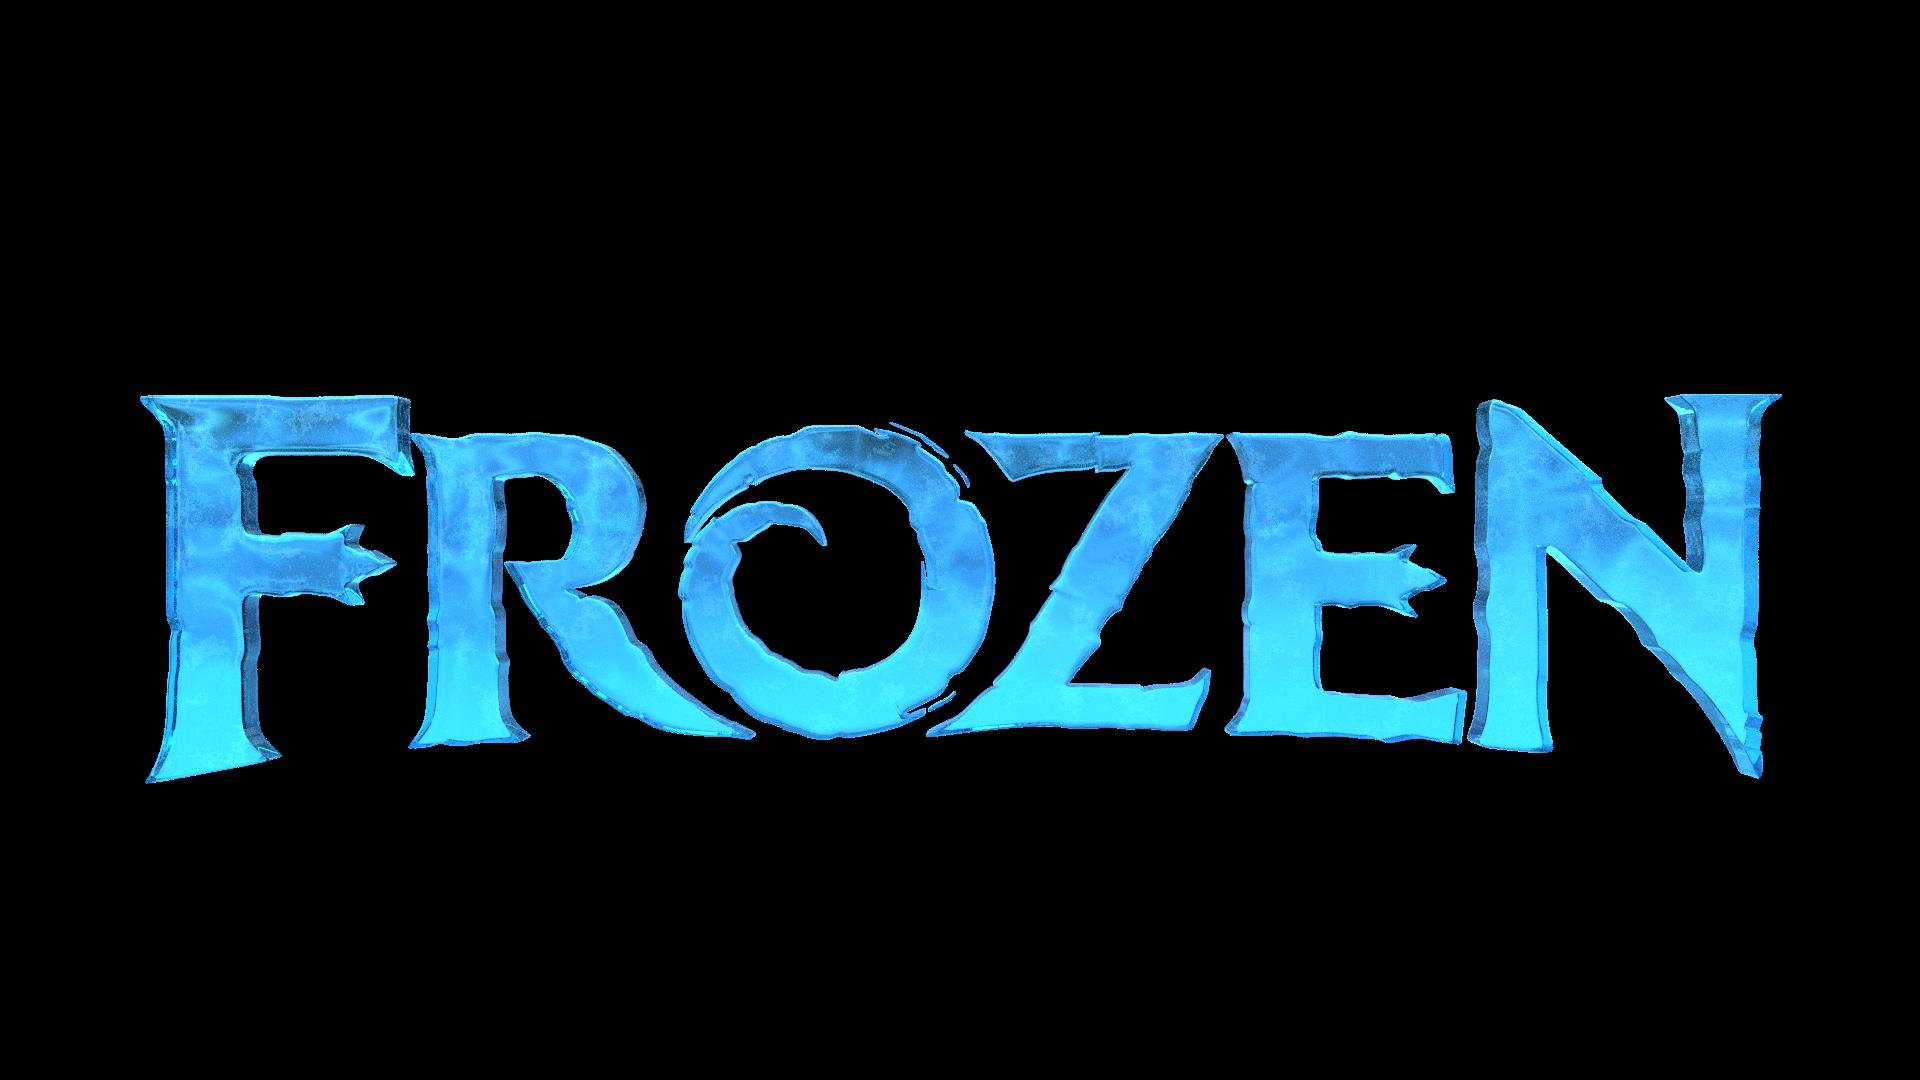 library Frozen logo recreation